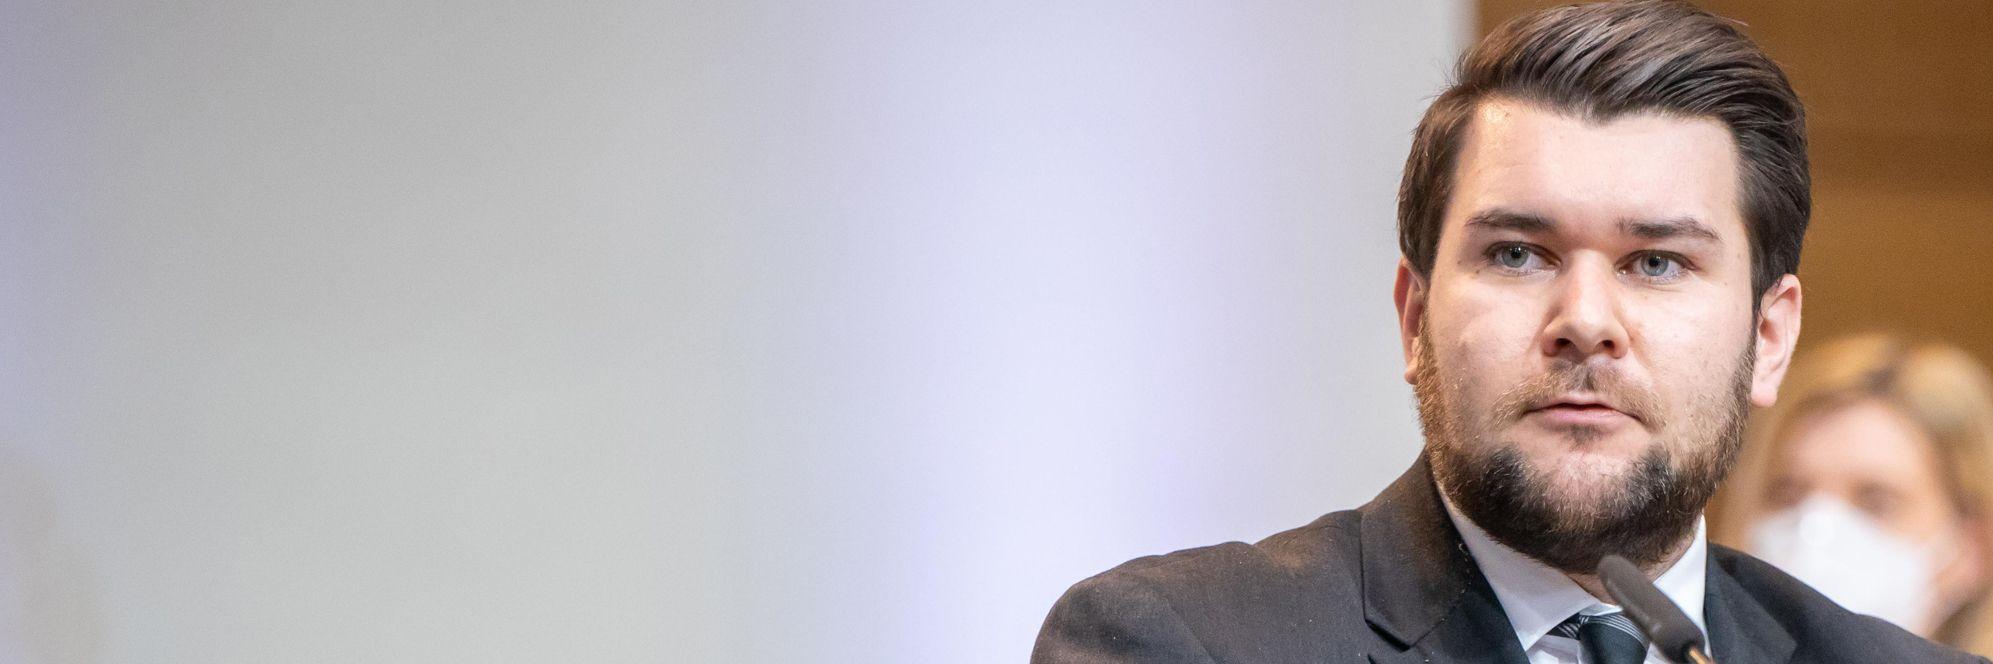 Politik als Mittler zwischen Mensch und Maschine - Rede von Timo Mildau